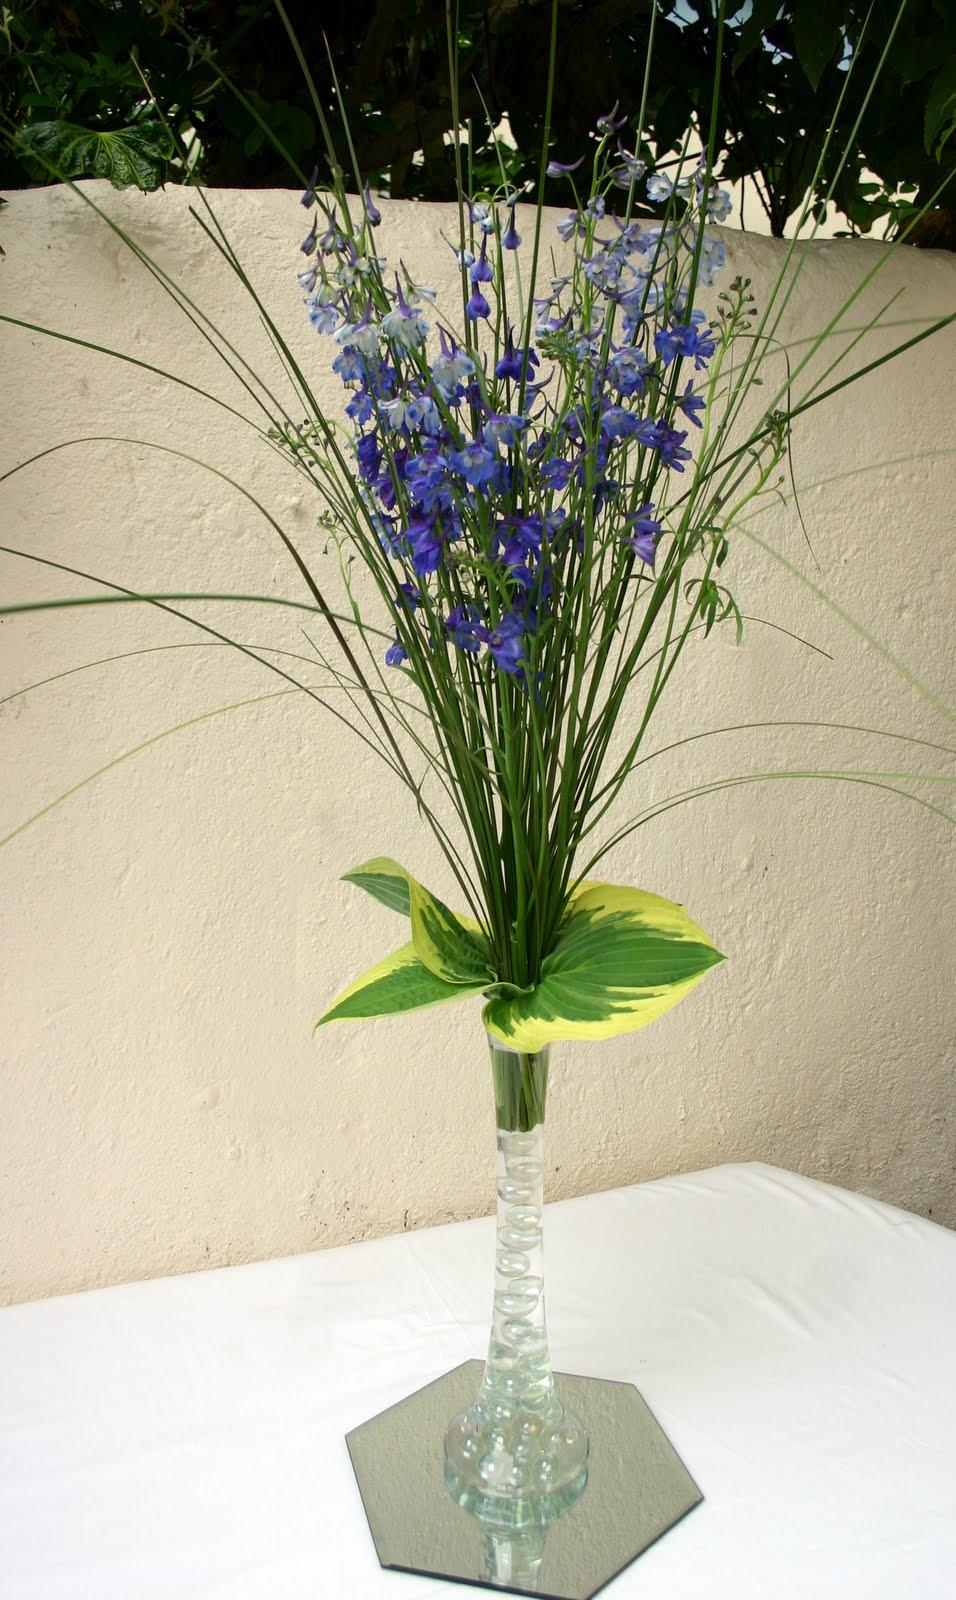 Fuchsia Flower Design Brighton Wedding Flowers for a Late Spring Wedding